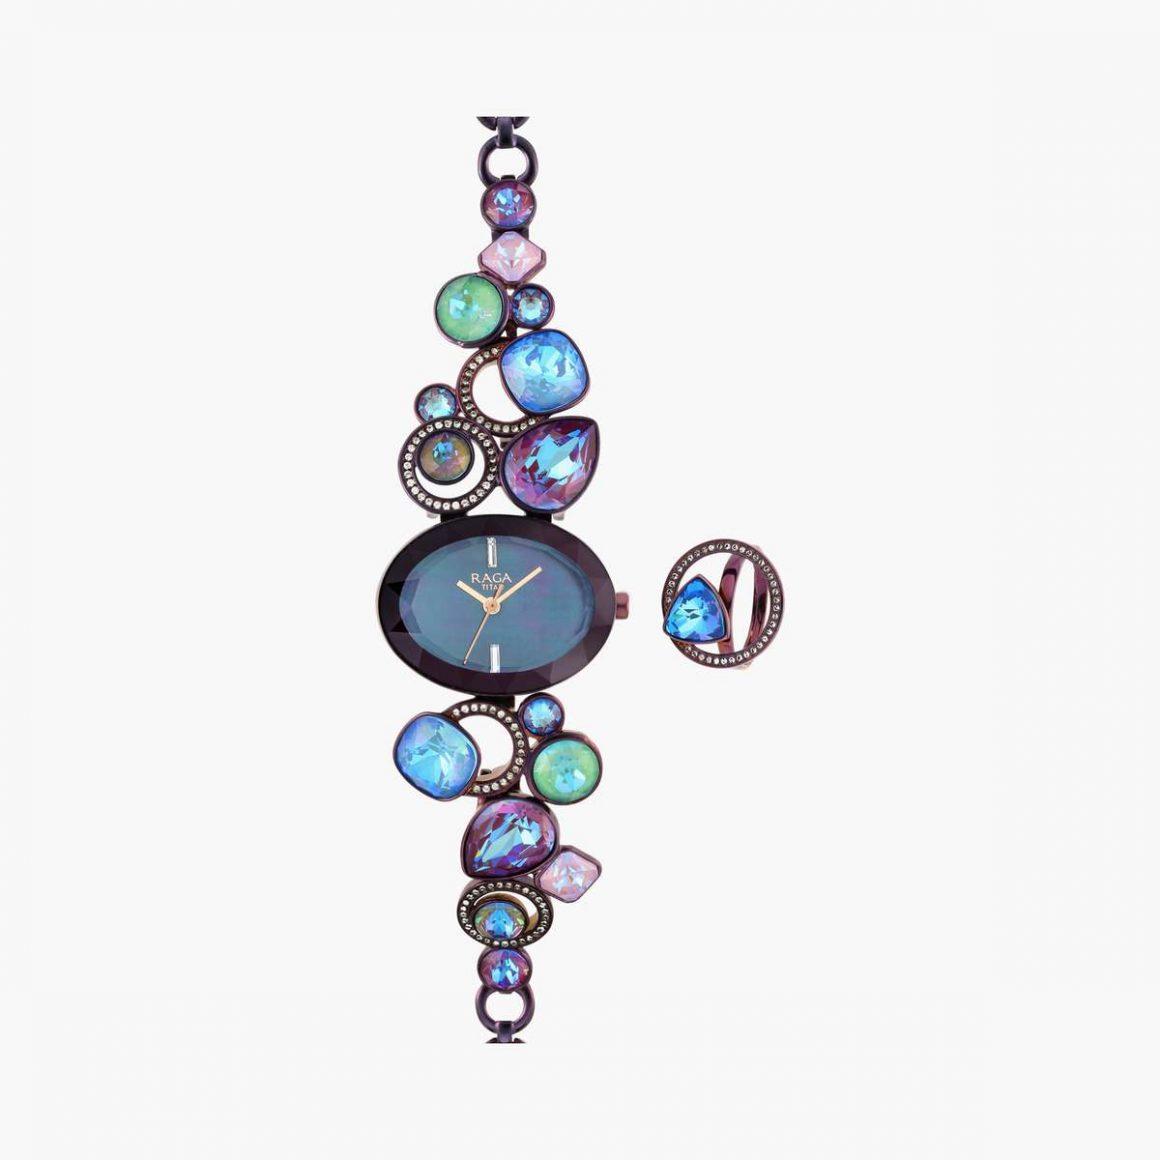 TITAN Raga Women Embellished Analog Watch with Ring - 95126QM01F